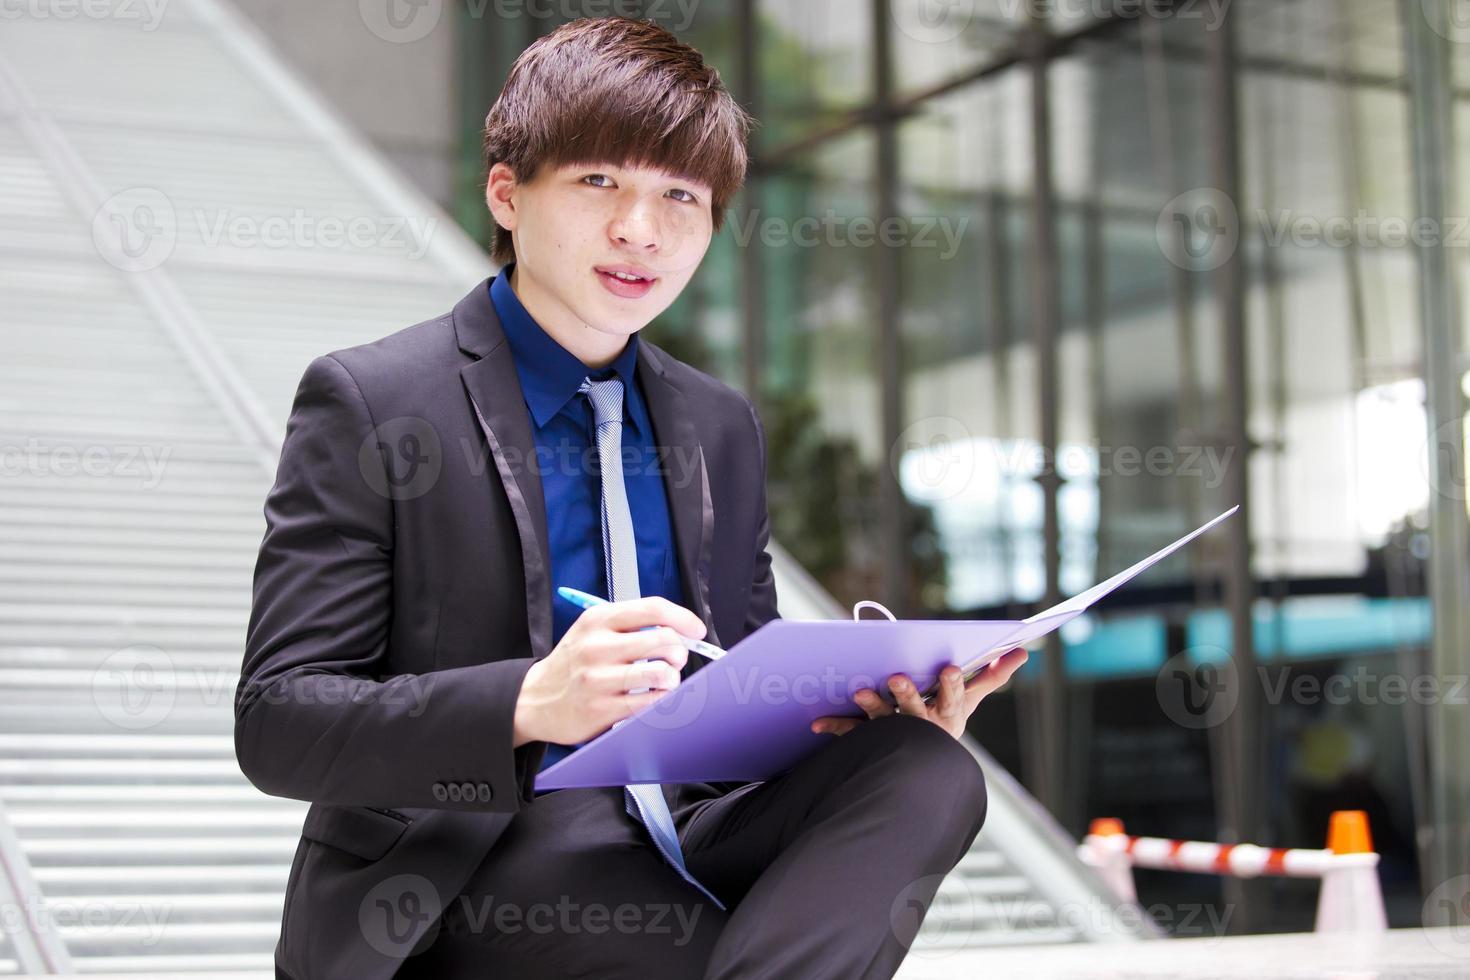 junge asiatische männliche Geschäftsführerin, die Datei hält foto